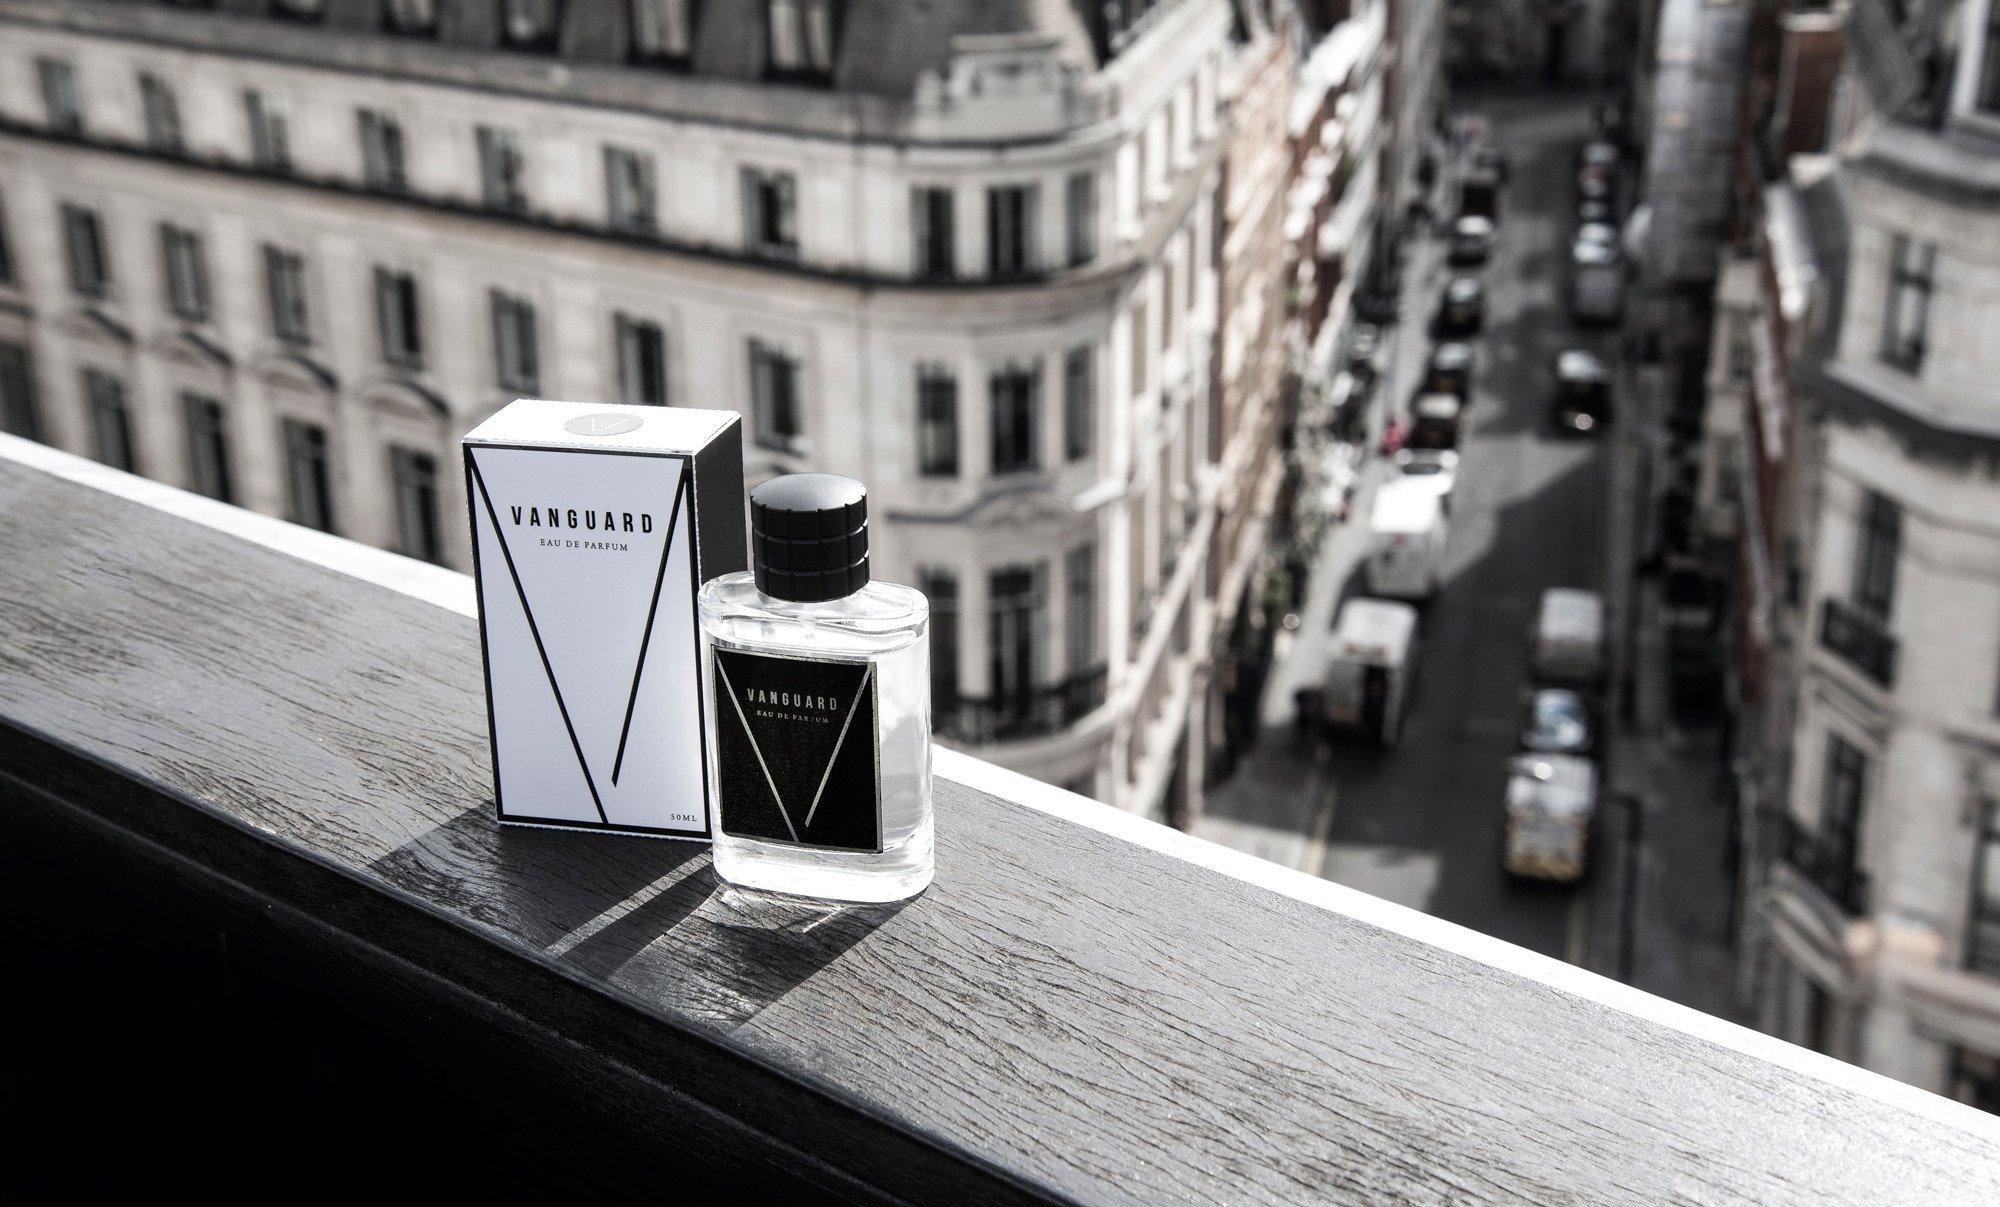 Vanguard Eau De Parfum Mr Vanguard cologne - a new fragrance for men ...